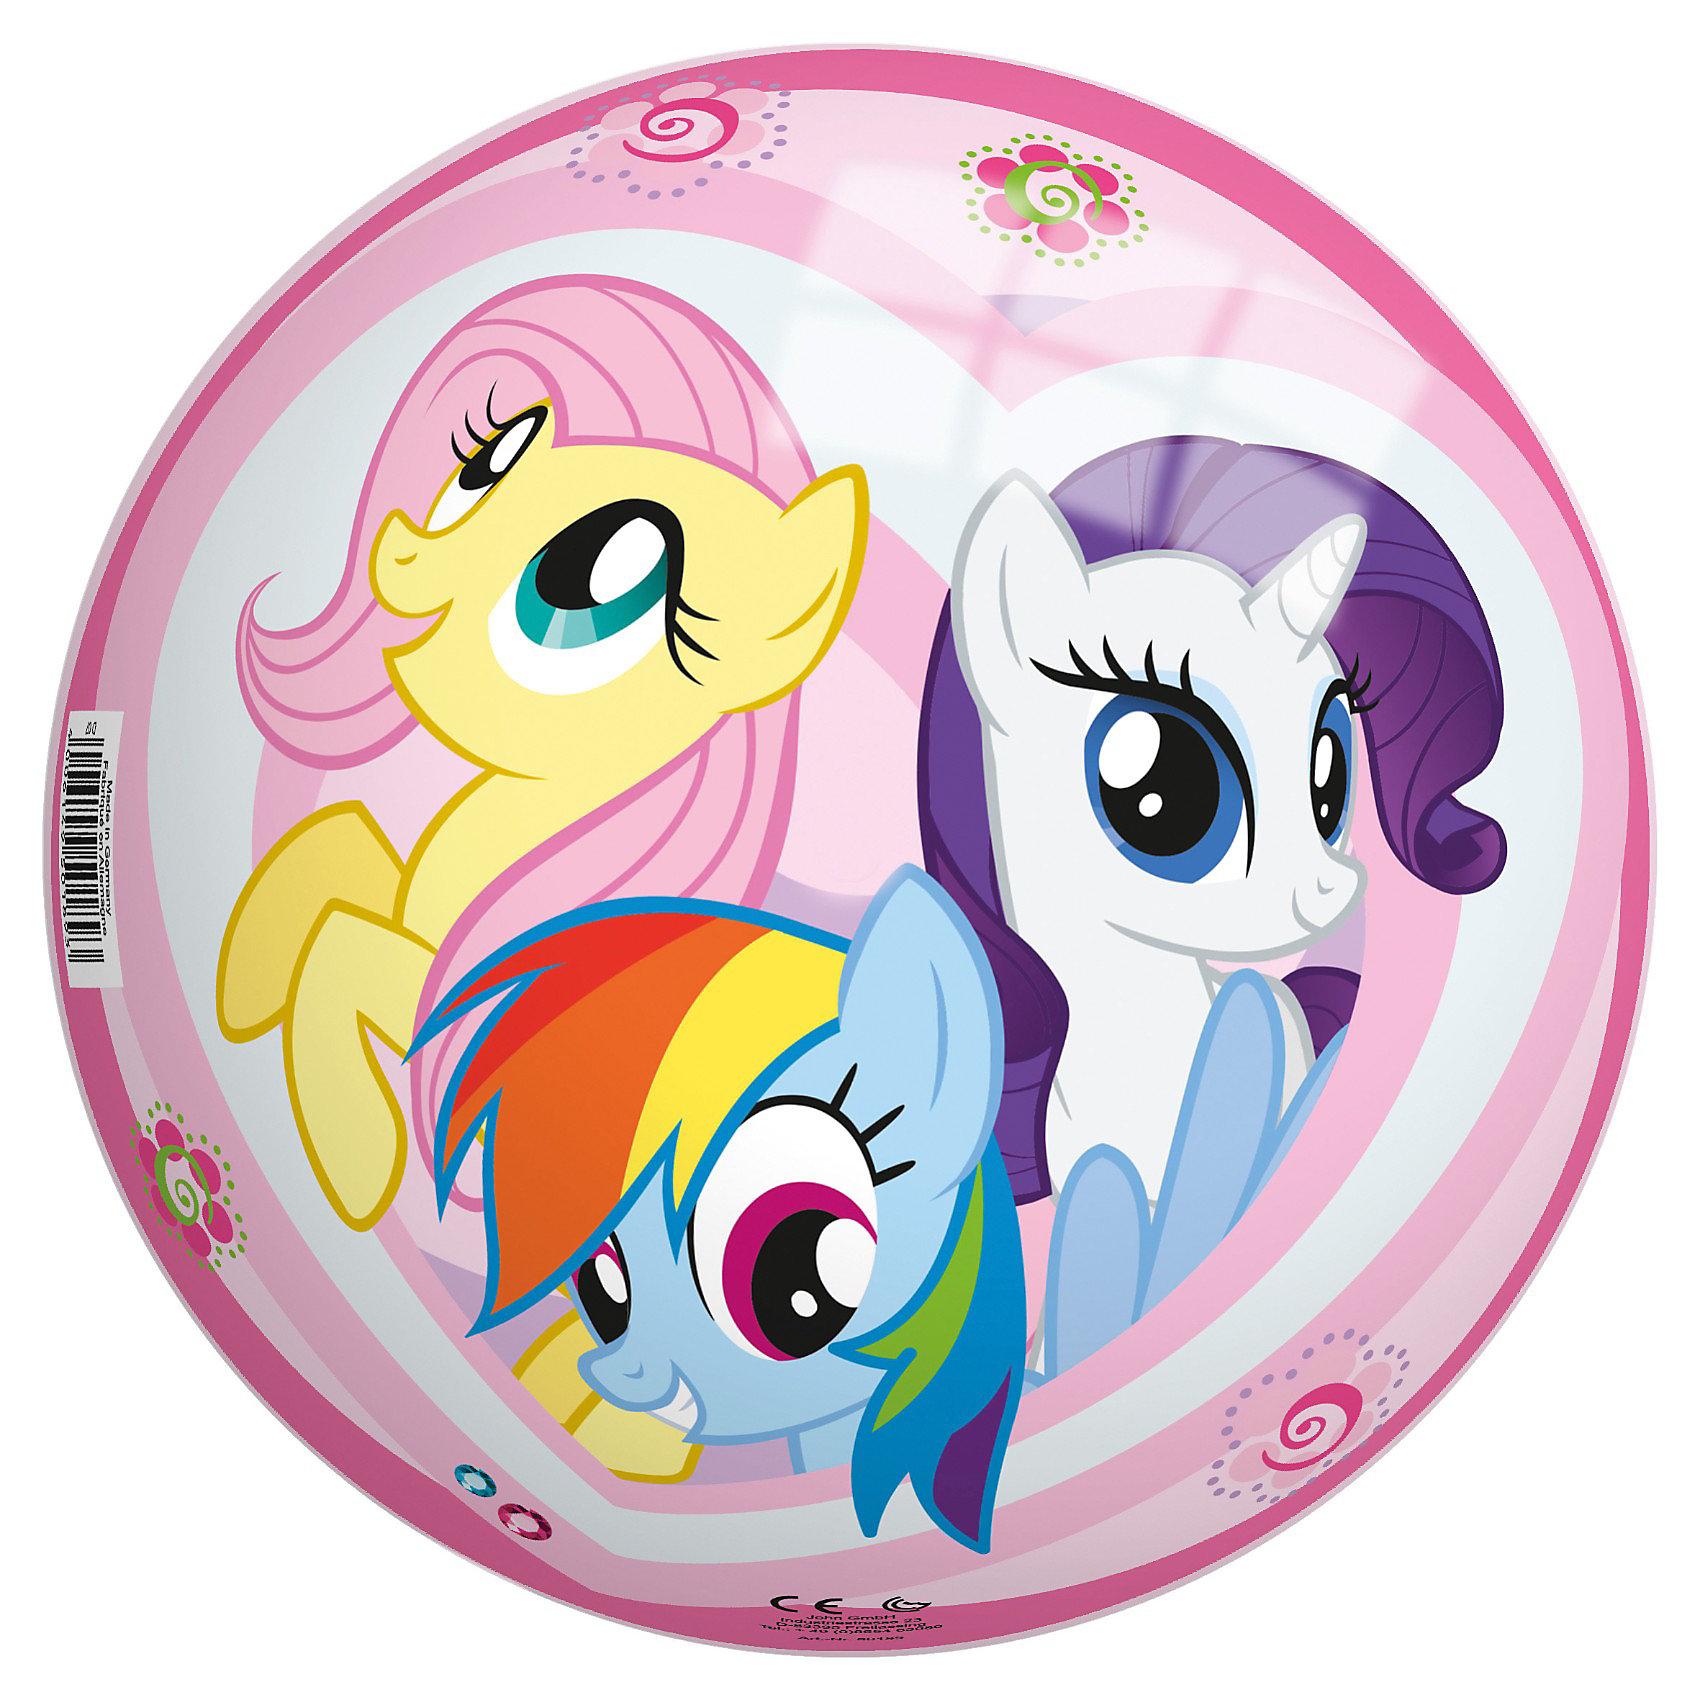 Мяч Моя маленькая пони, 230 мм, JohnМяч Моя маленькая пони, John, порадует Вашу малышку и позволит ей весело и активно проводить время как дома так и на улице. Мяч выполнен в красочном привлекательном дизайне и украшен изображениями прелестных лошадок из любимого мультсериала My Little Pony (Мой маленький пони). Прочный и совершенно безопасный ПВХ материал не токсичен и не вызывает аллергию. Рисунок нанесен с помощью особой тампонной печати, которая позволяет надолго сохранить его яркие краски. Занятия с мячом улучшают координацию движений и мелкую моторику, укрепляют мышцы ног, рук и спины. Мяч поставляется в сдутом виде и надувается при помощи насоса (не входит в комплект).<br><br>Дополнительная информация:<br><br>- Материал: ПВХ.<br>- Диаметр мяча: 23 см.<br>- Размер упаковки: 18 х 8 х 24 см.<br>- Мяч поставляется в сдутом виде (насос в комплект не входит)<br><br>Мяч Моя маленькая пони, John (Джон) можно купить в нашем интернет-магазине.<br><br>Ширина мм: 220<br>Глубина мм: 215<br>Высота мм: 210<br>Вес г: 127<br>Возраст от месяцев: 36<br>Возраст до месяцев: 96<br>Пол: Женский<br>Возраст: Детский<br>SKU: 3334159